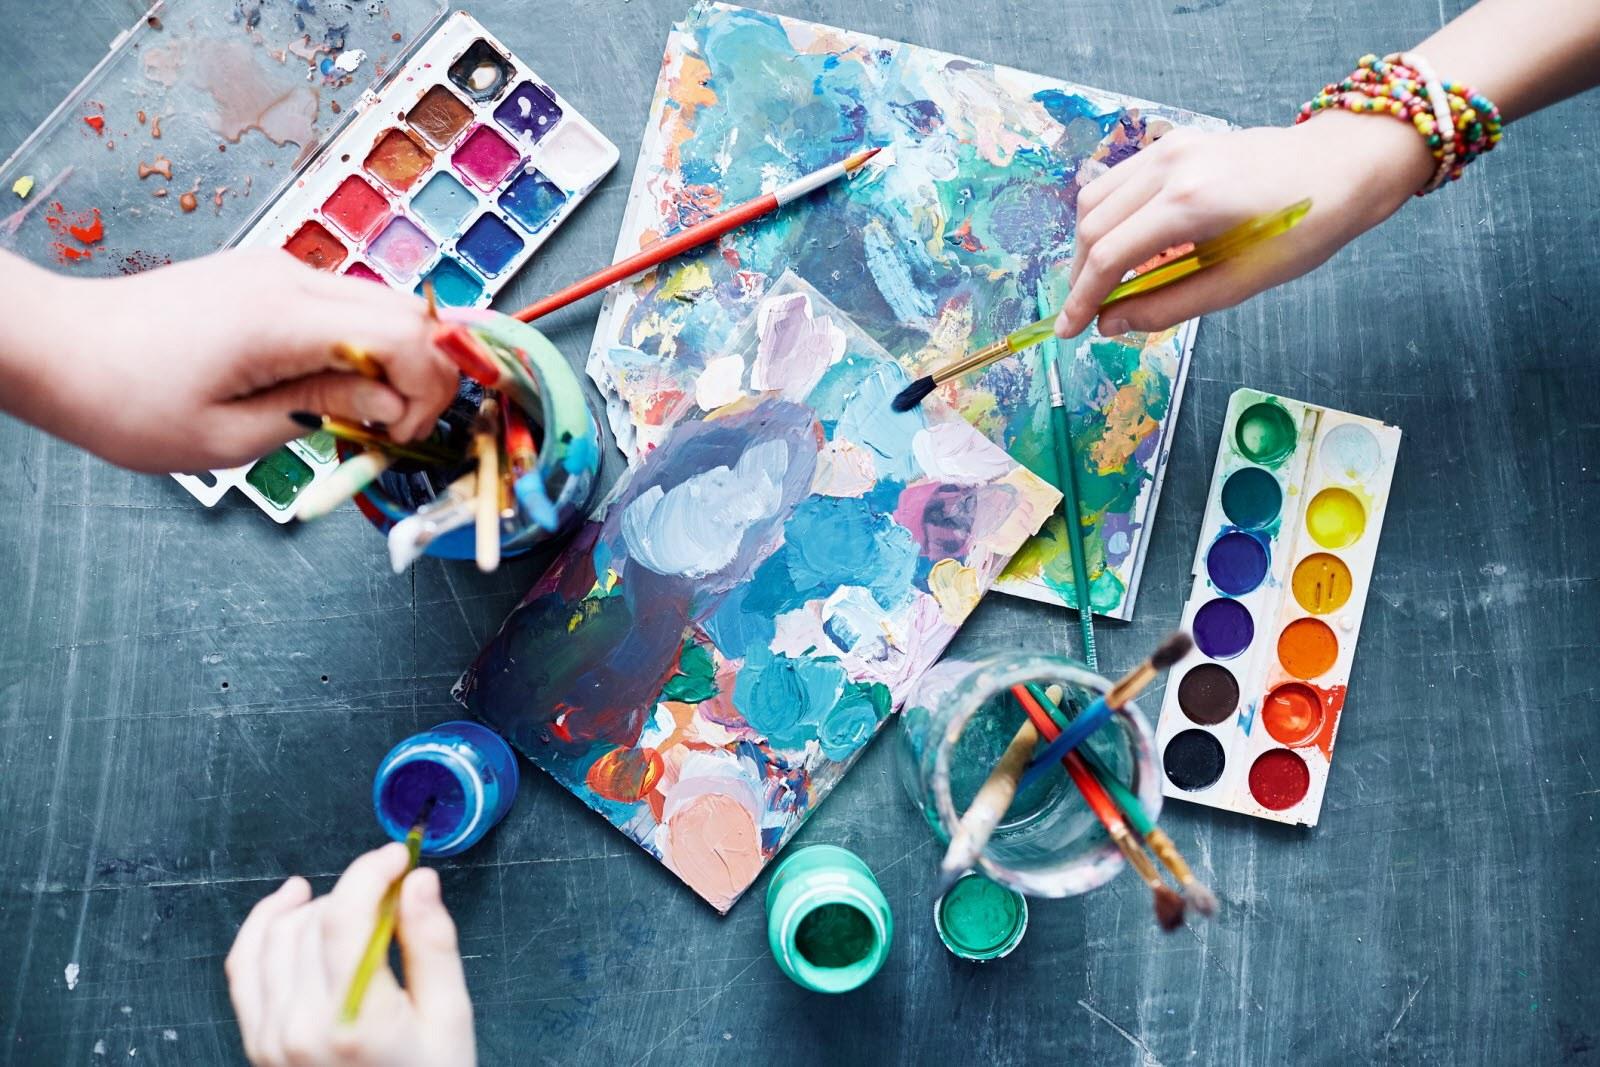 as-vantagens-de-fazer-um-curso-de-educacao-artistica-a-distancia-20180215145638.jpg